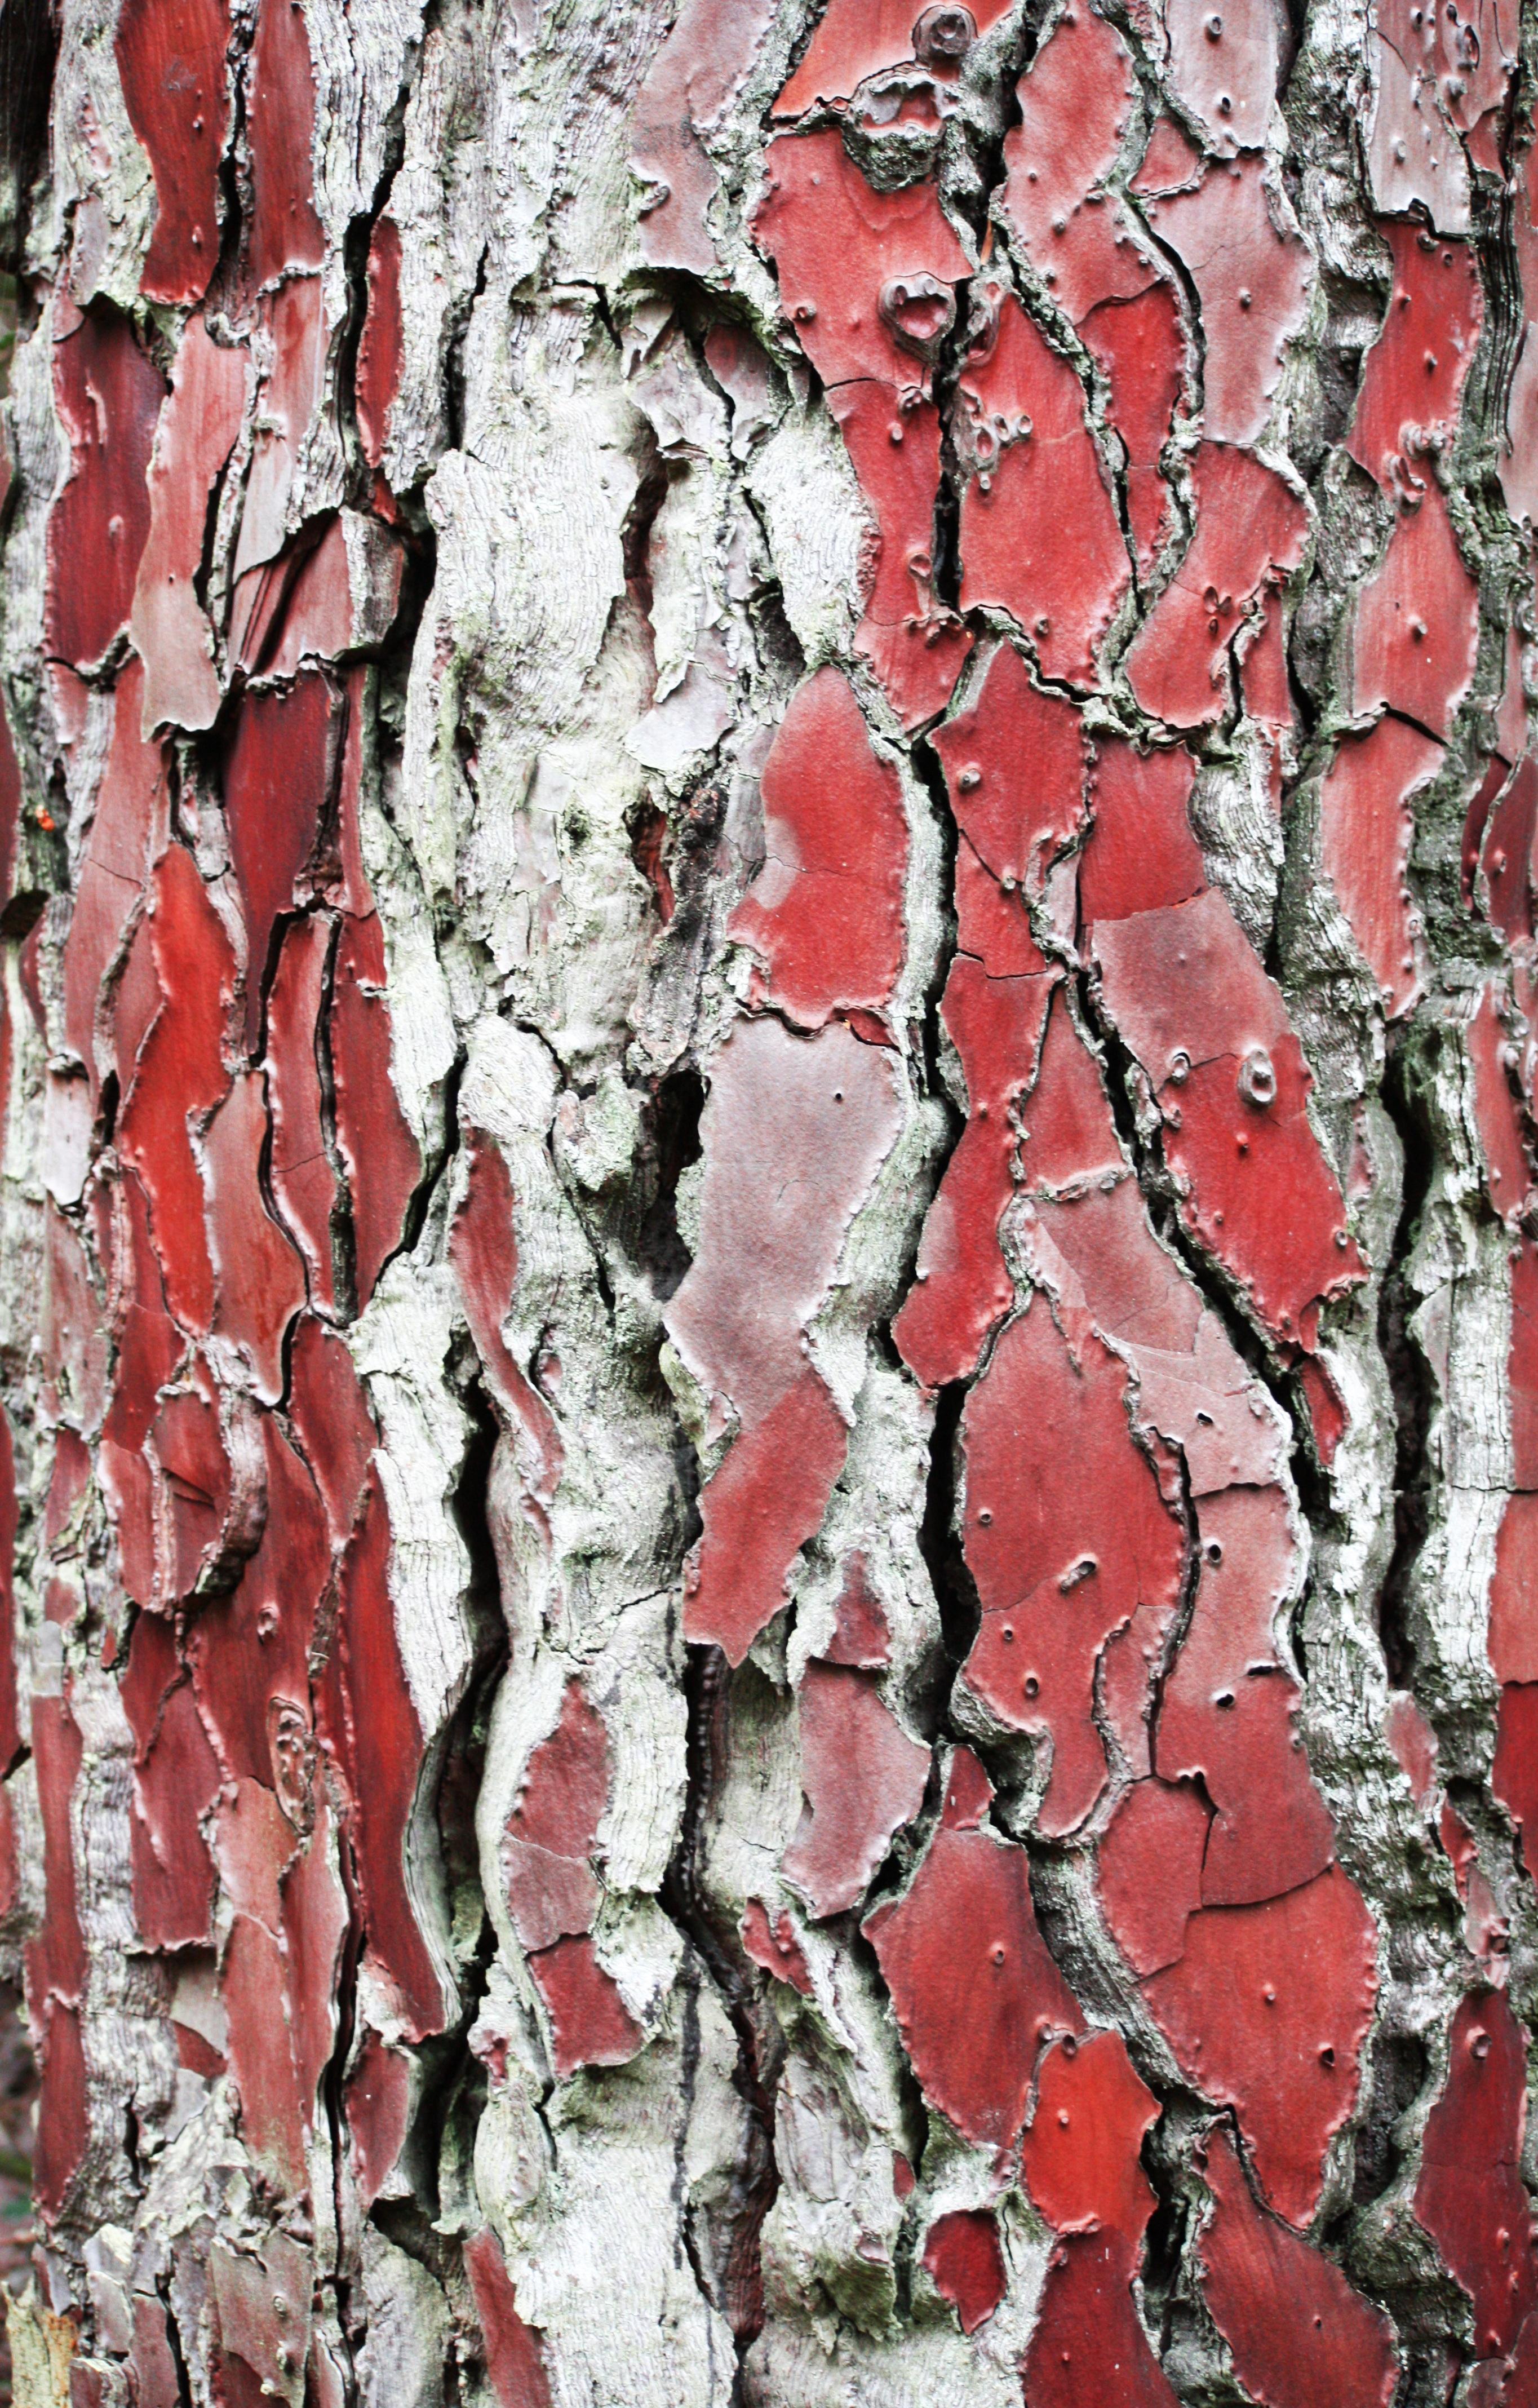 Images gratuites arbre la nature branche fleur bois texture feuille gel tronc mur - Arbre fleurs rouges printemps ...